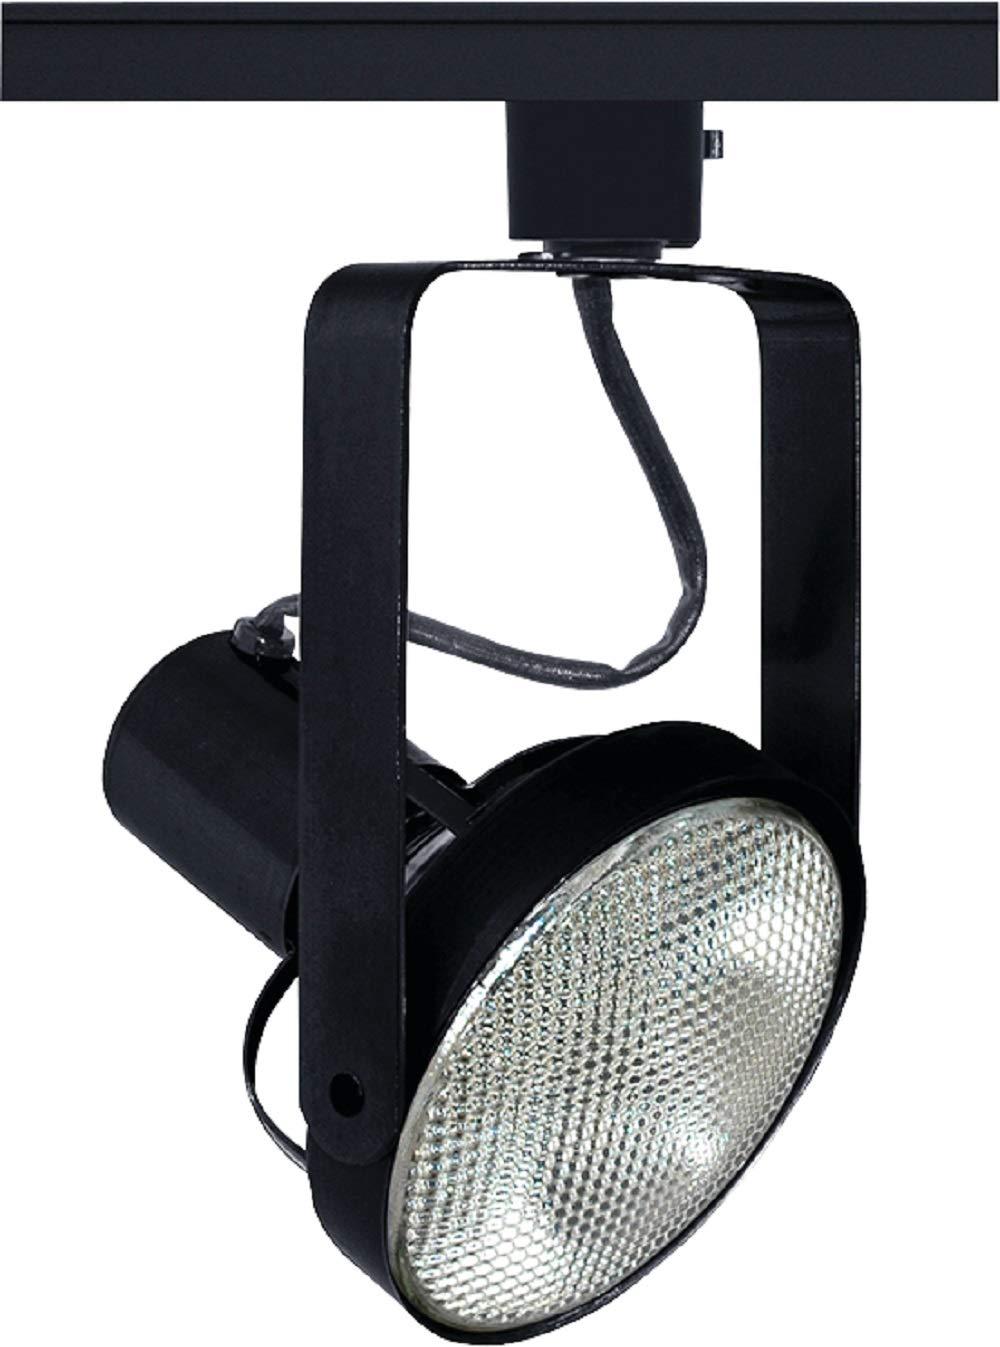 Juno Lighting Group T690BL Trac-Master Front Lamping Gimbal Line Voltage PAR38 Lampholder, Black,